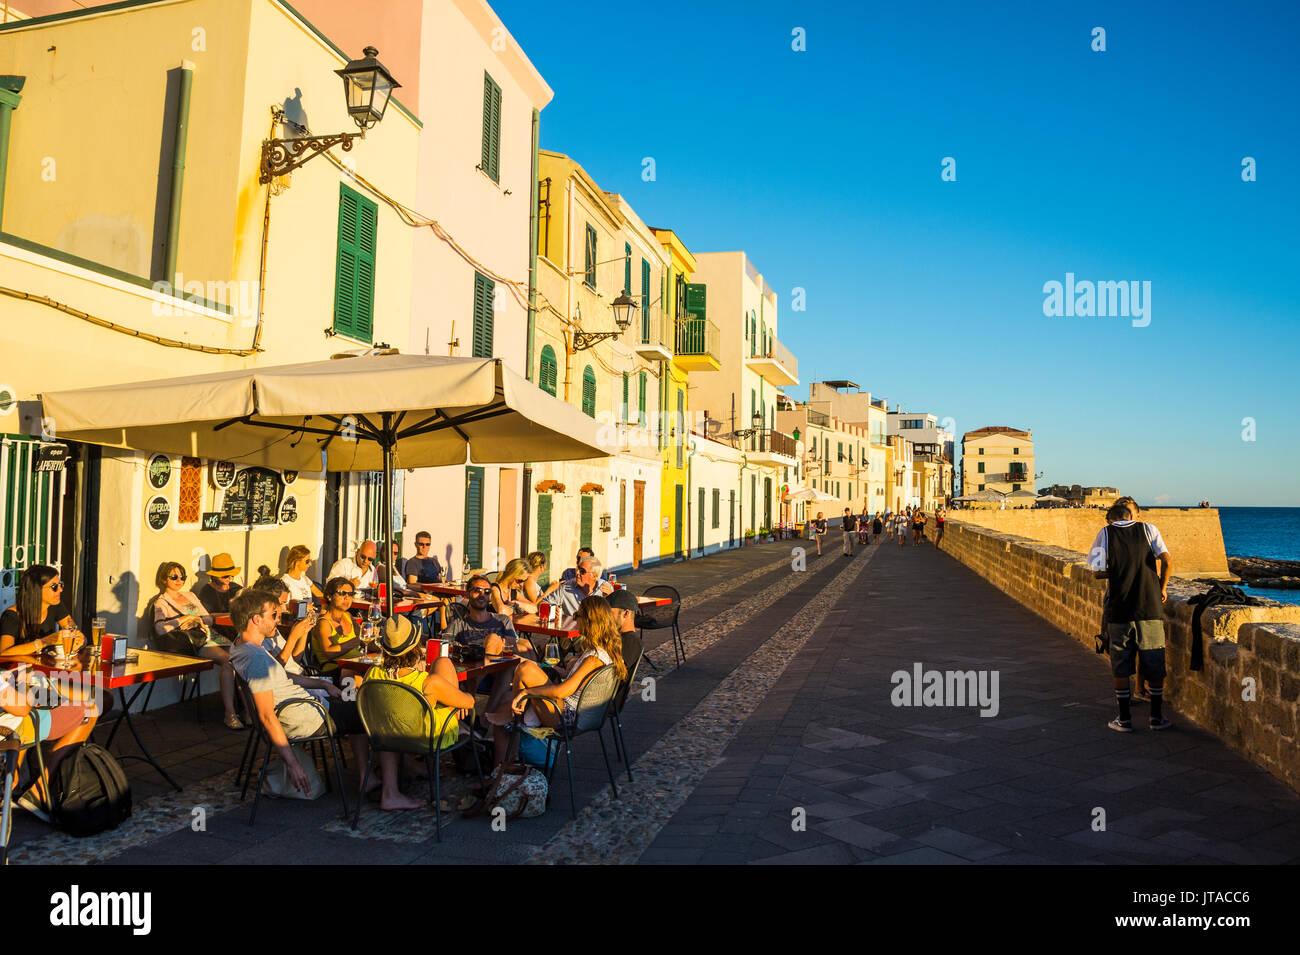 Restaurant sur la promenade de l'océan dans la ville côtière de Alghero, Sardaigne, Italie, Europe, Méditerranée Photo Stock